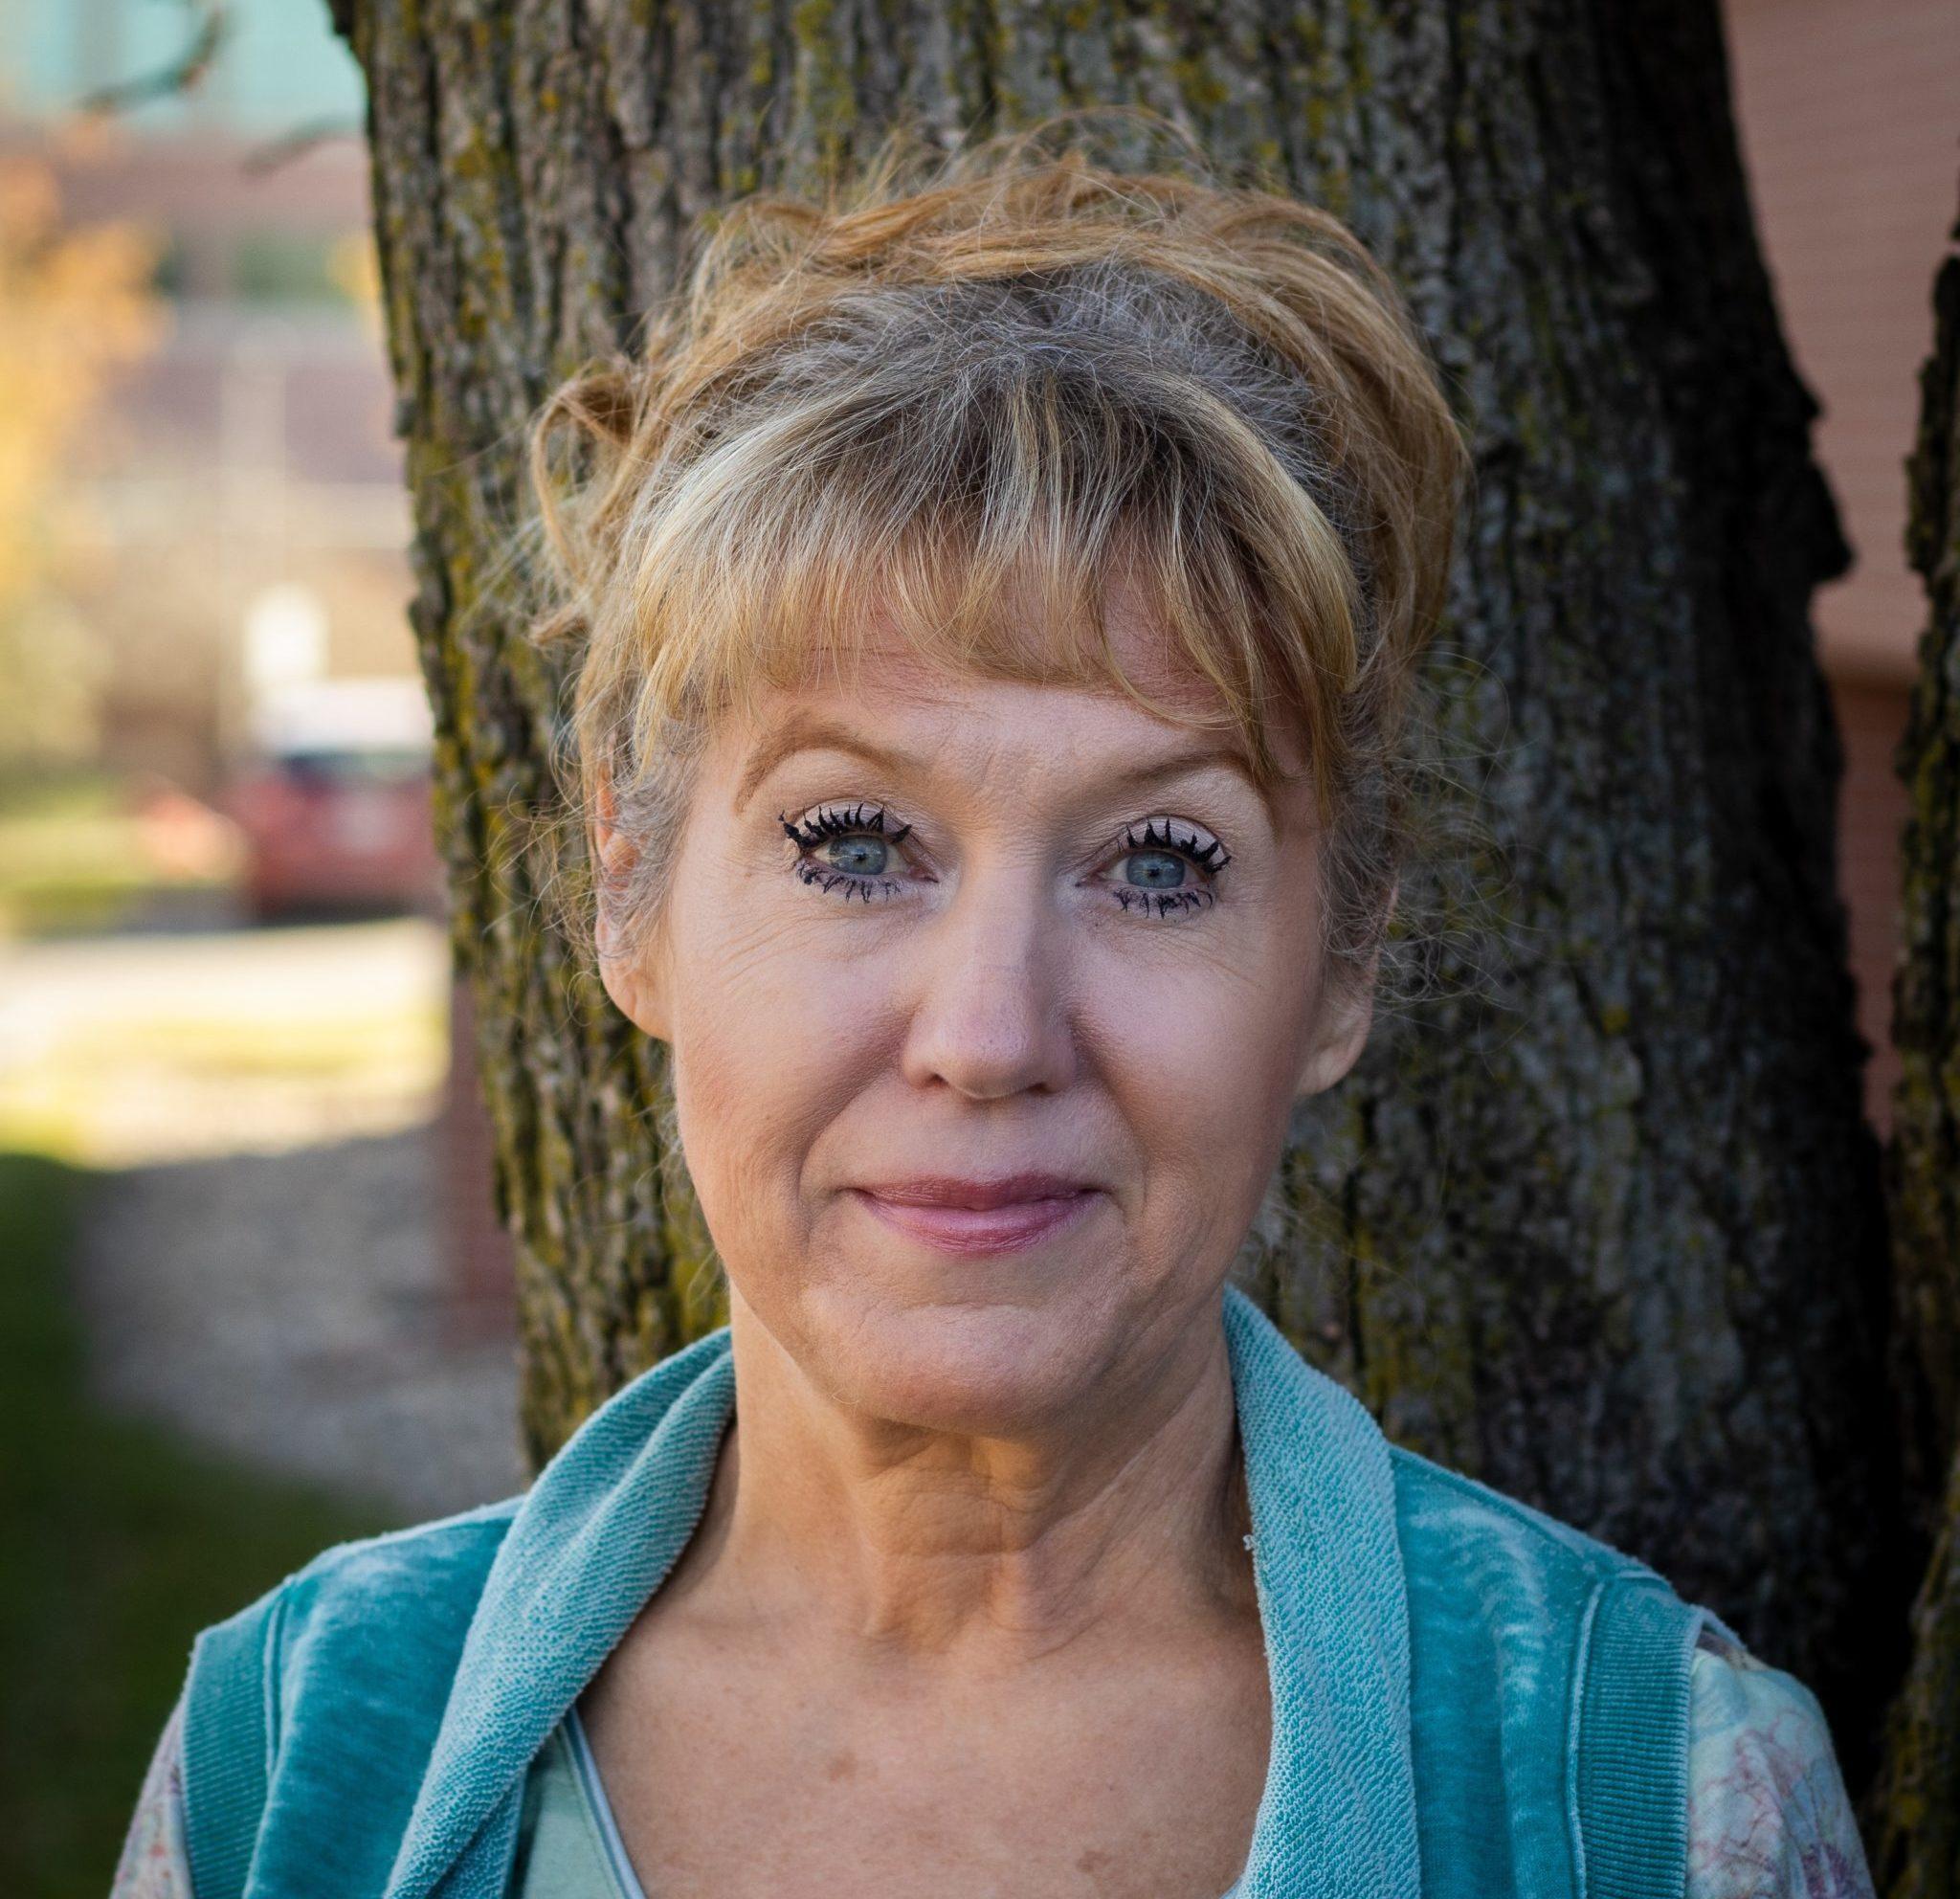 Katie Hallquist